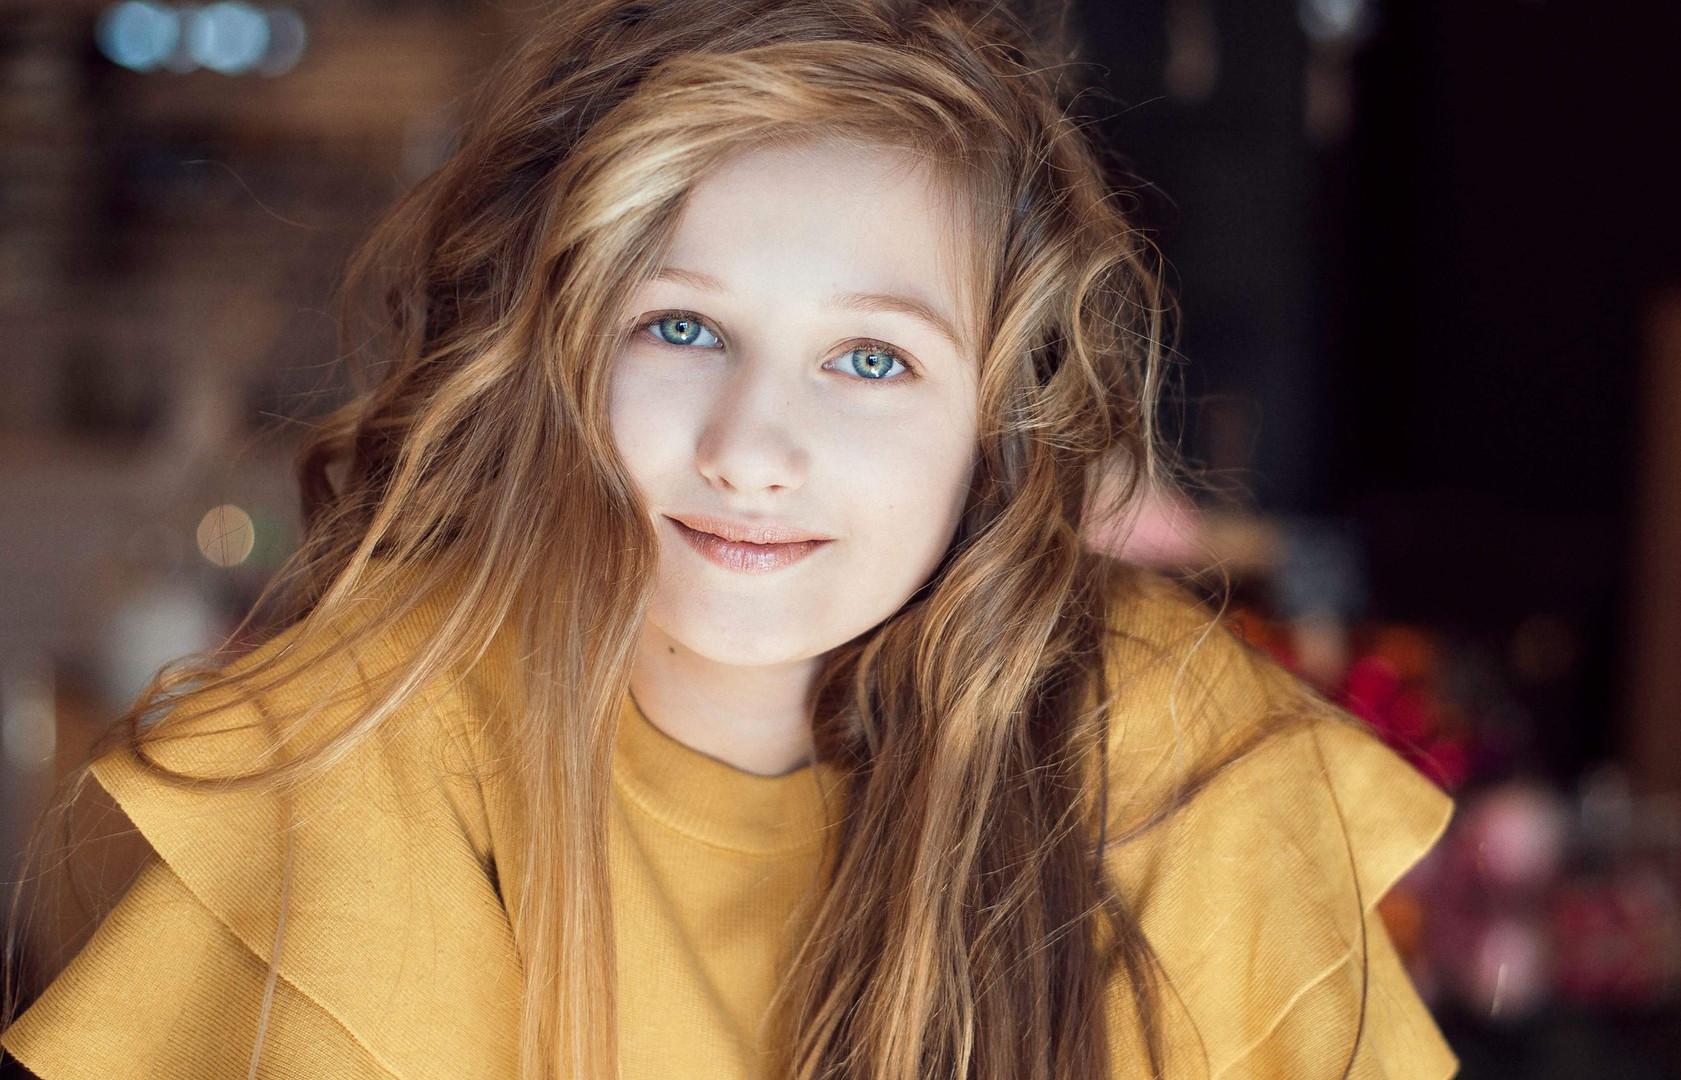 Nicolette B